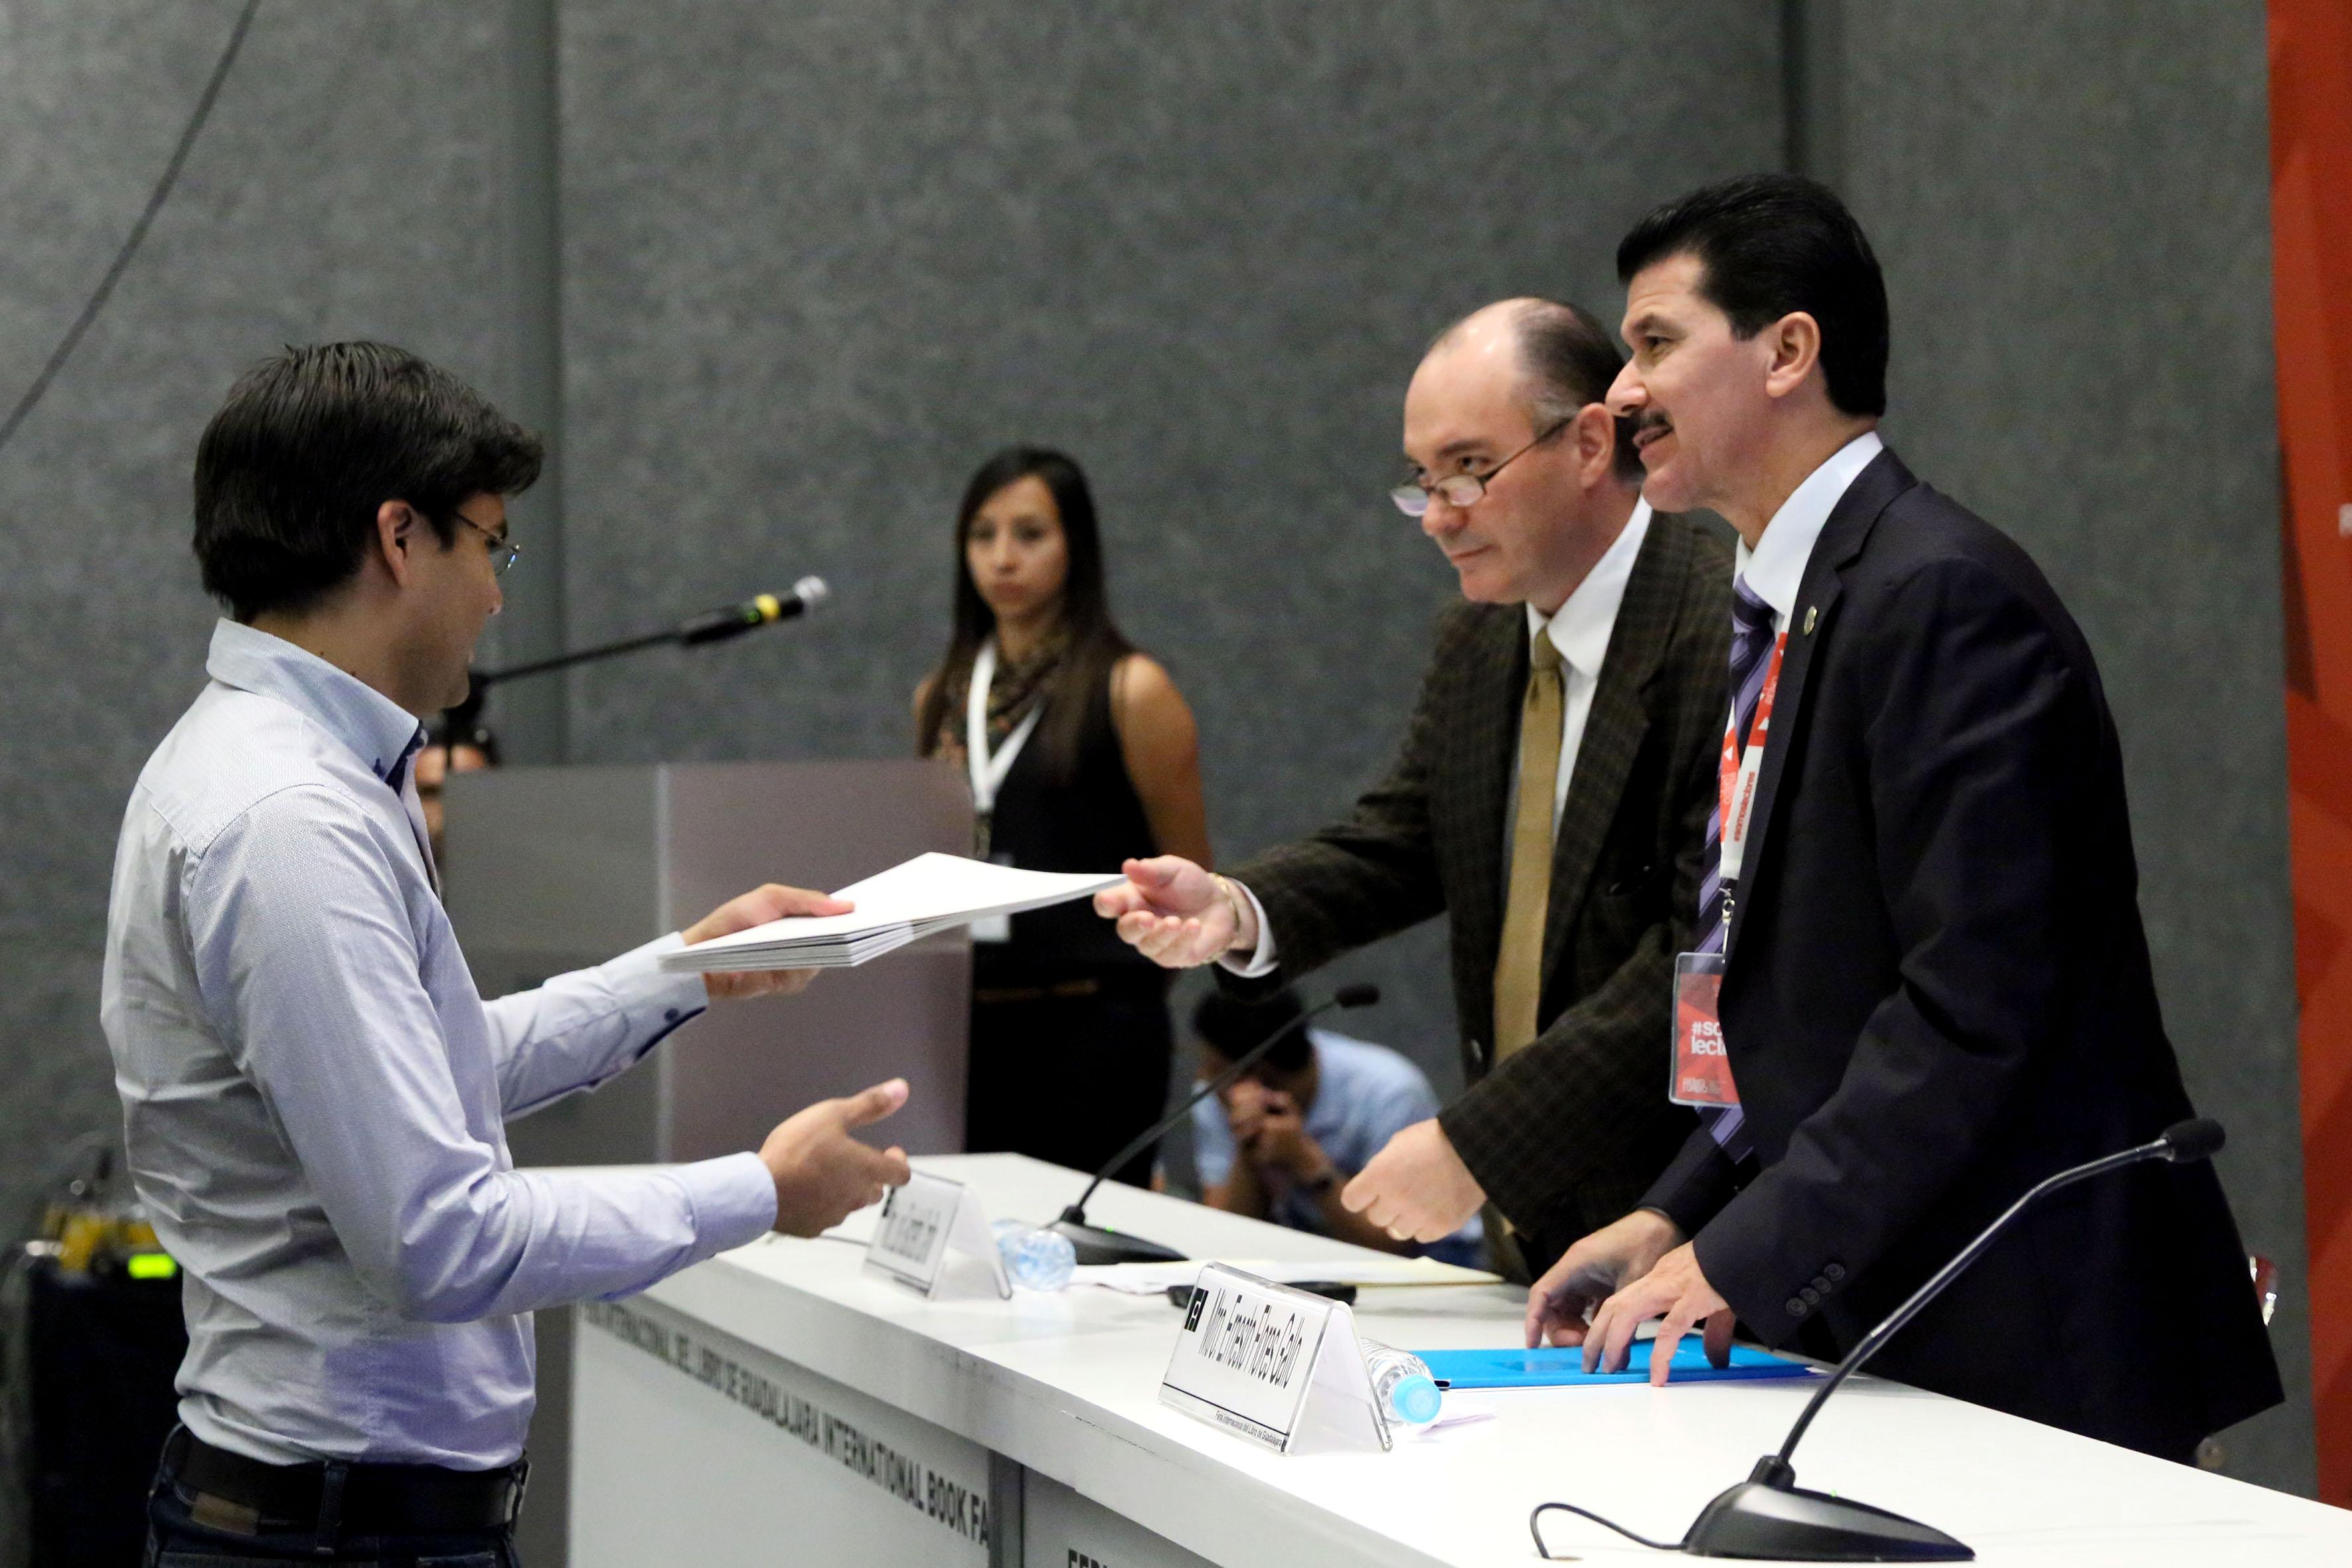 Mtro. Luis Giachetto Carrillo, haciendo entrega de reconocimiento a jóven arquitecto ganador del concurso.